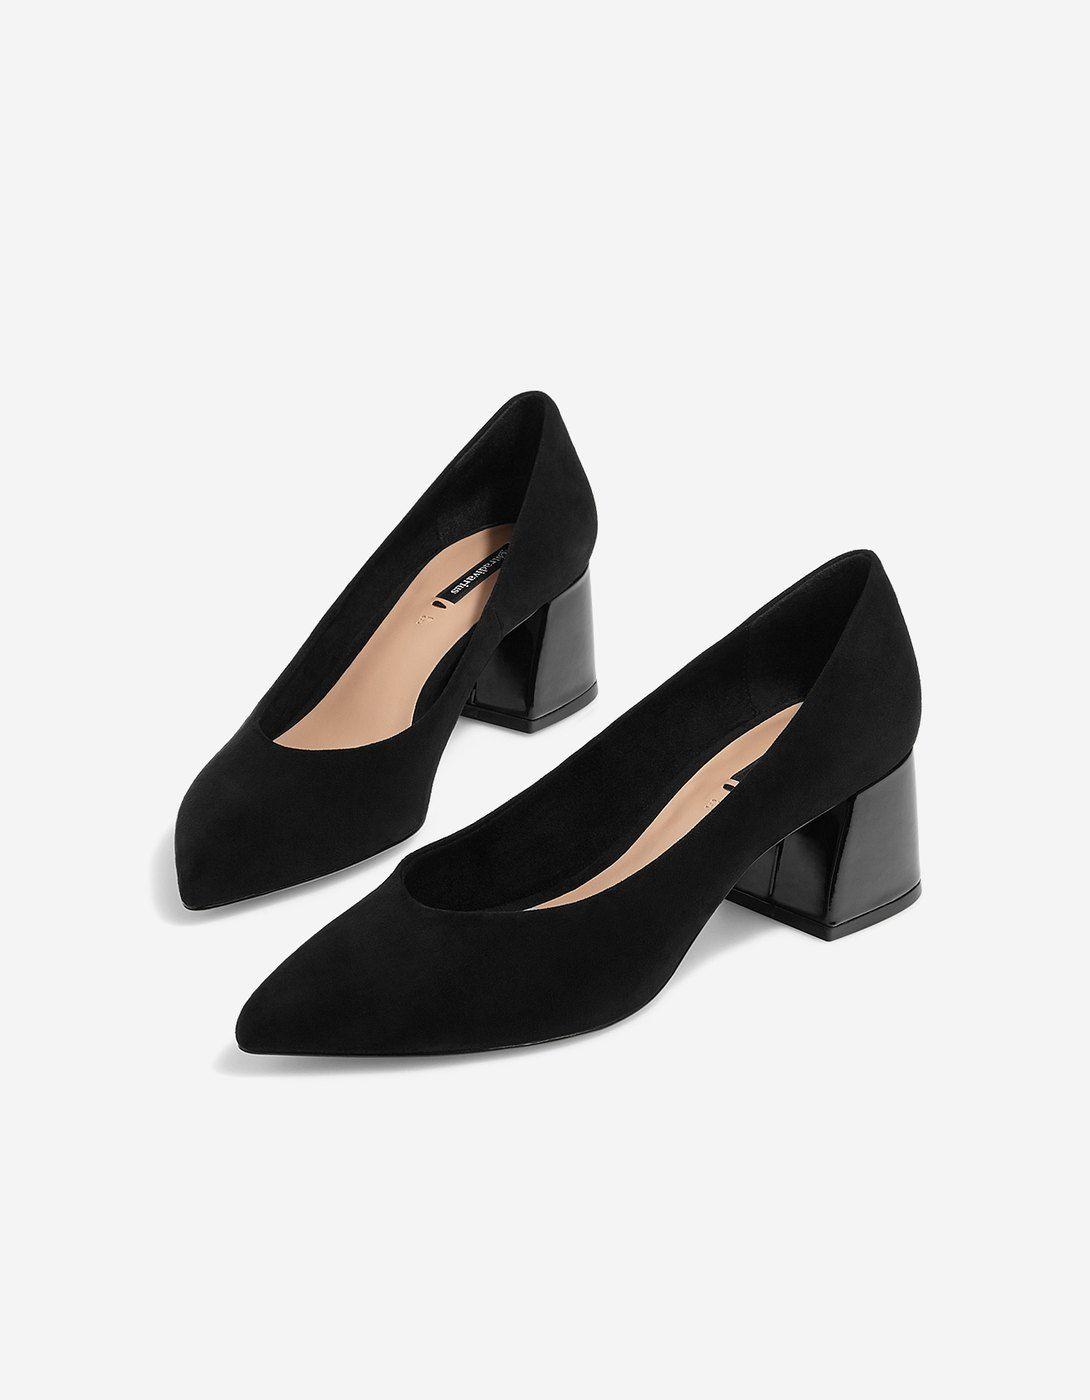 9c70c8a4 Salón terciopelo tacón ancho negro - Zapatos de tacón | Stradivarius  España. 9,99€